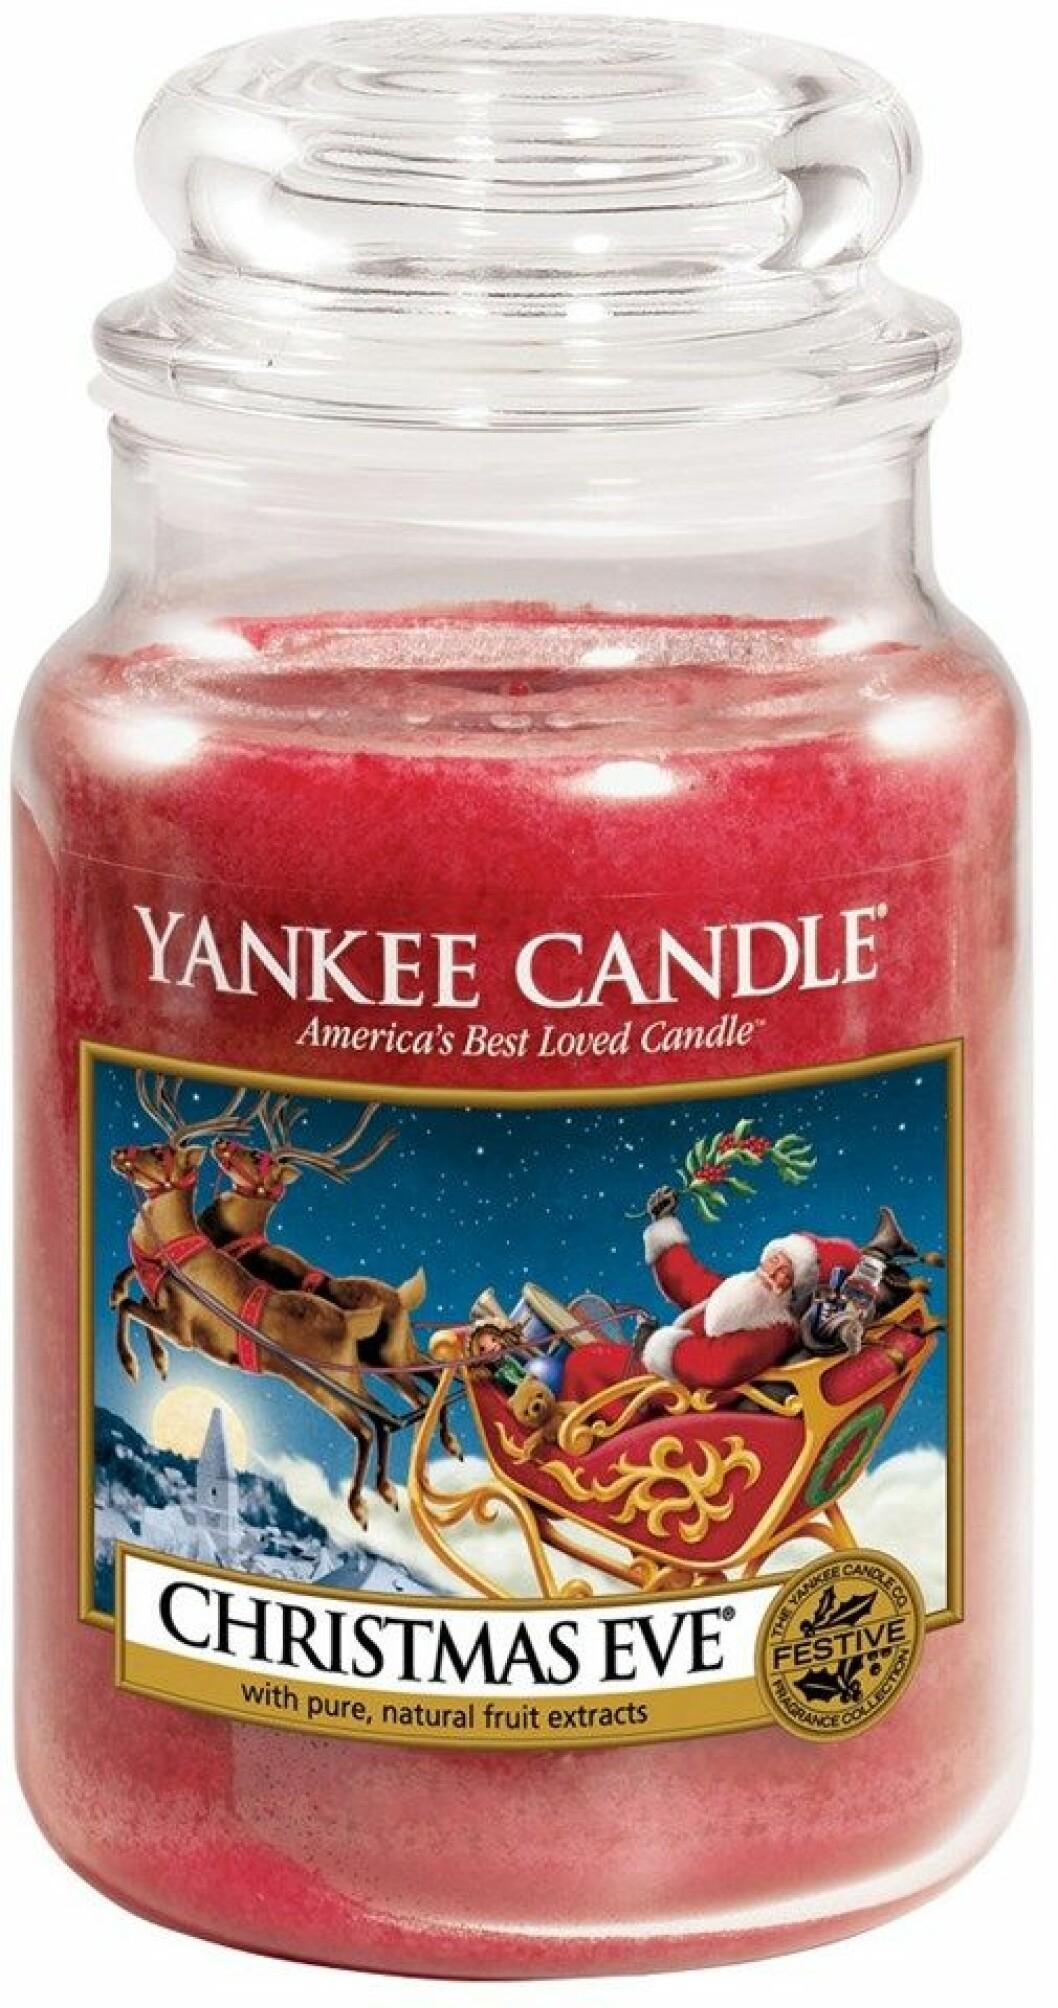 Doftljus från Yankee Candle